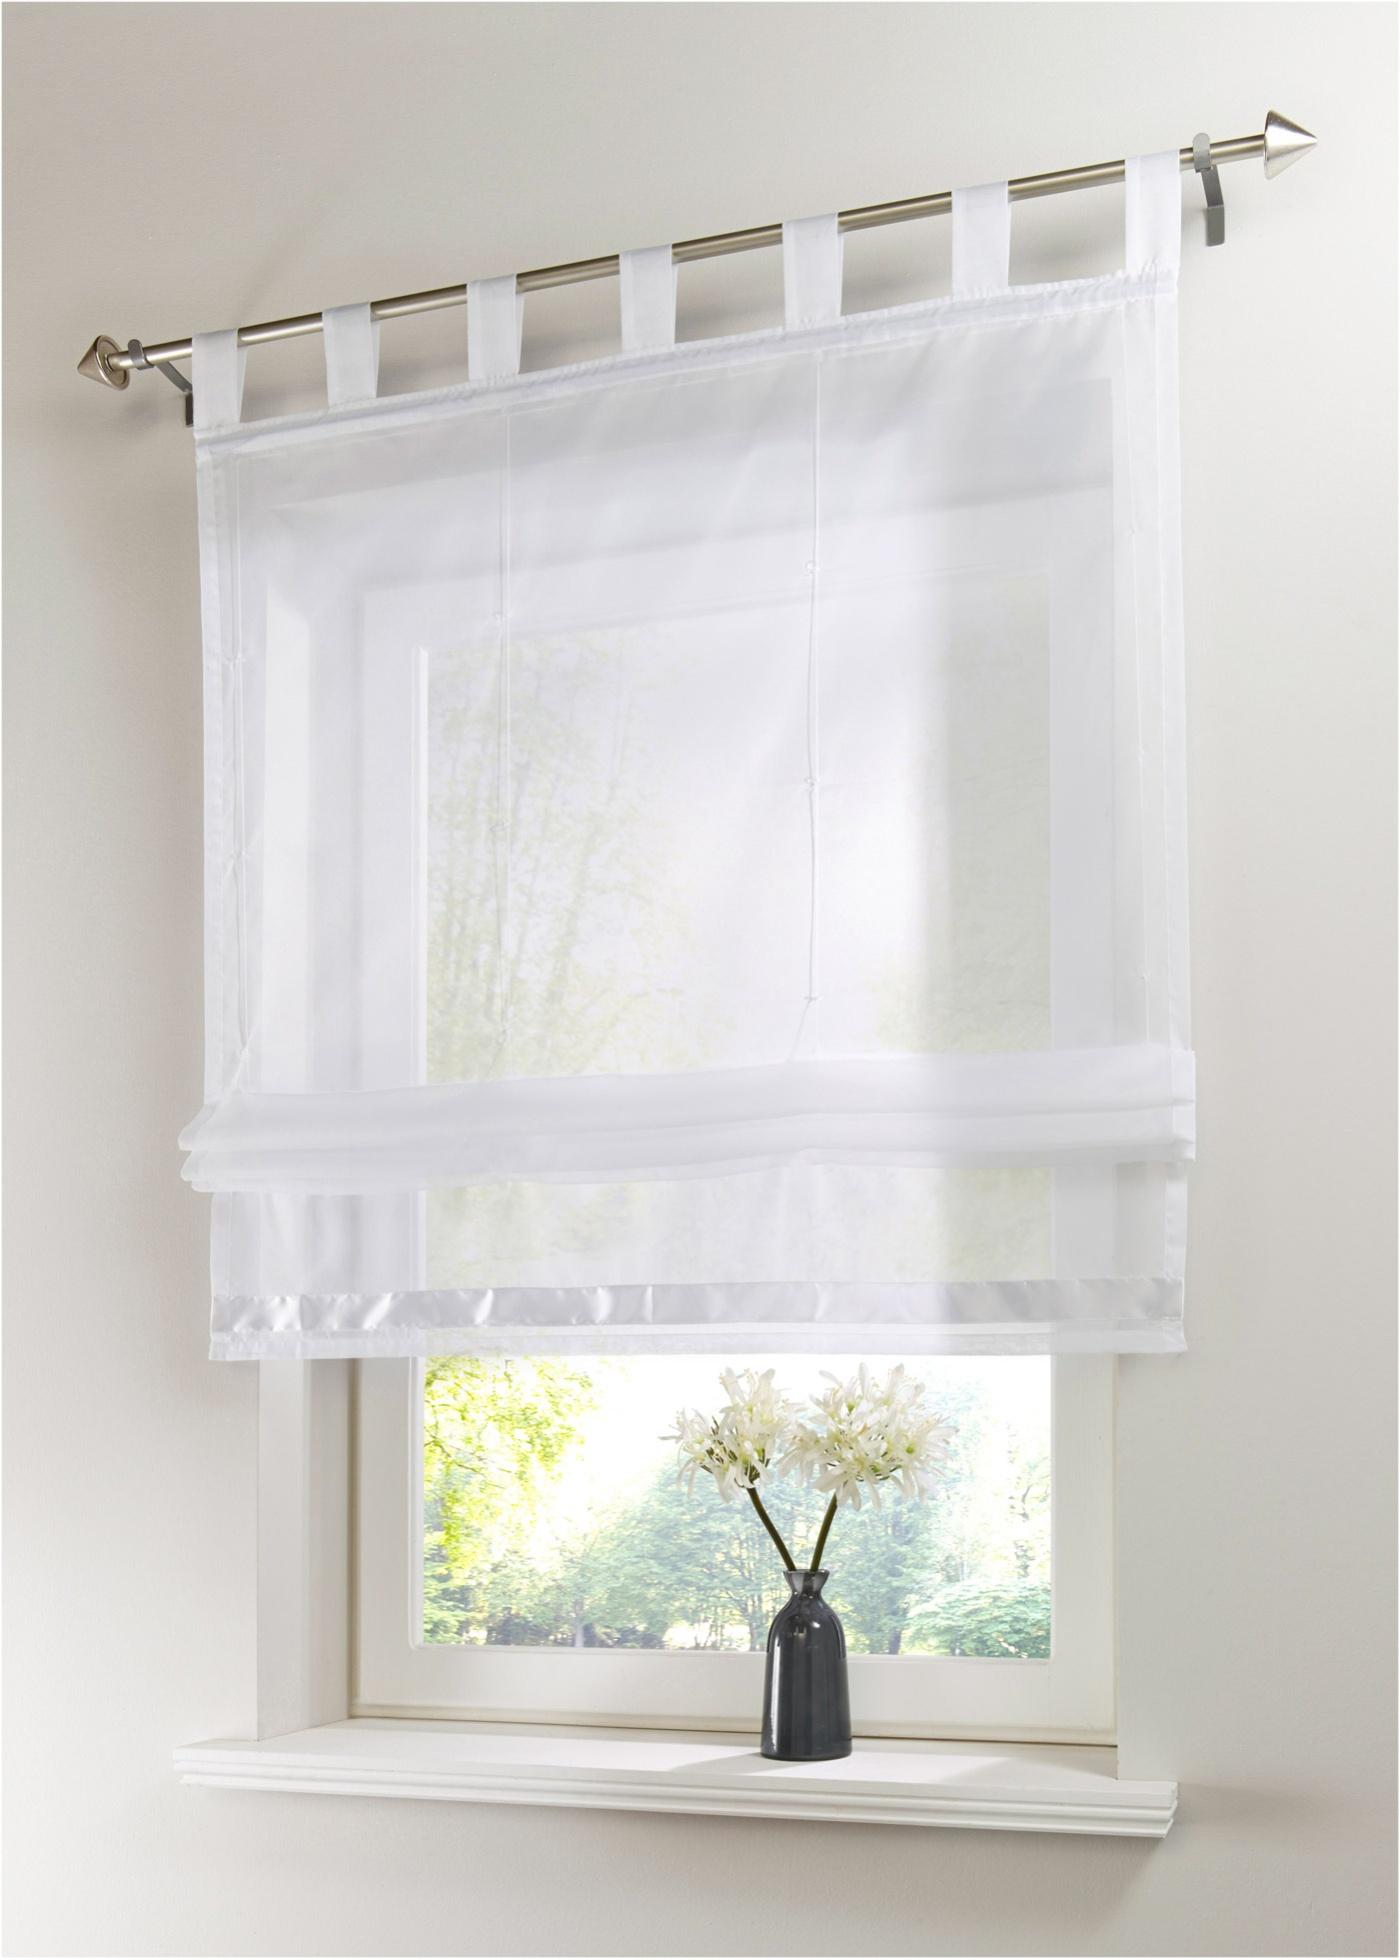 raffrollo mit schlaufen images. Black Bedroom Furniture Sets. Home Design Ideas